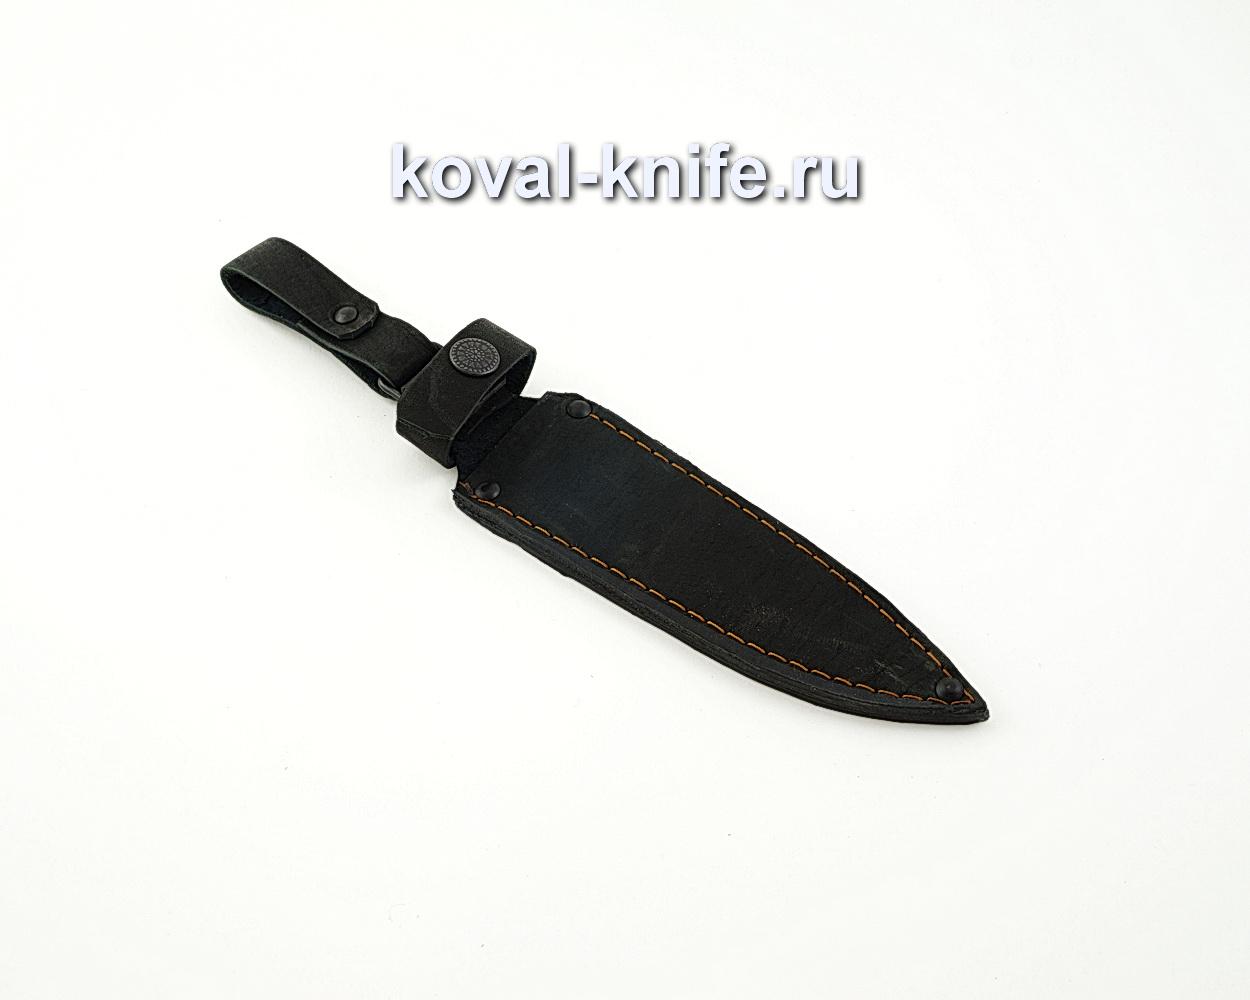 Кожаный чехол (Нож Вишня)